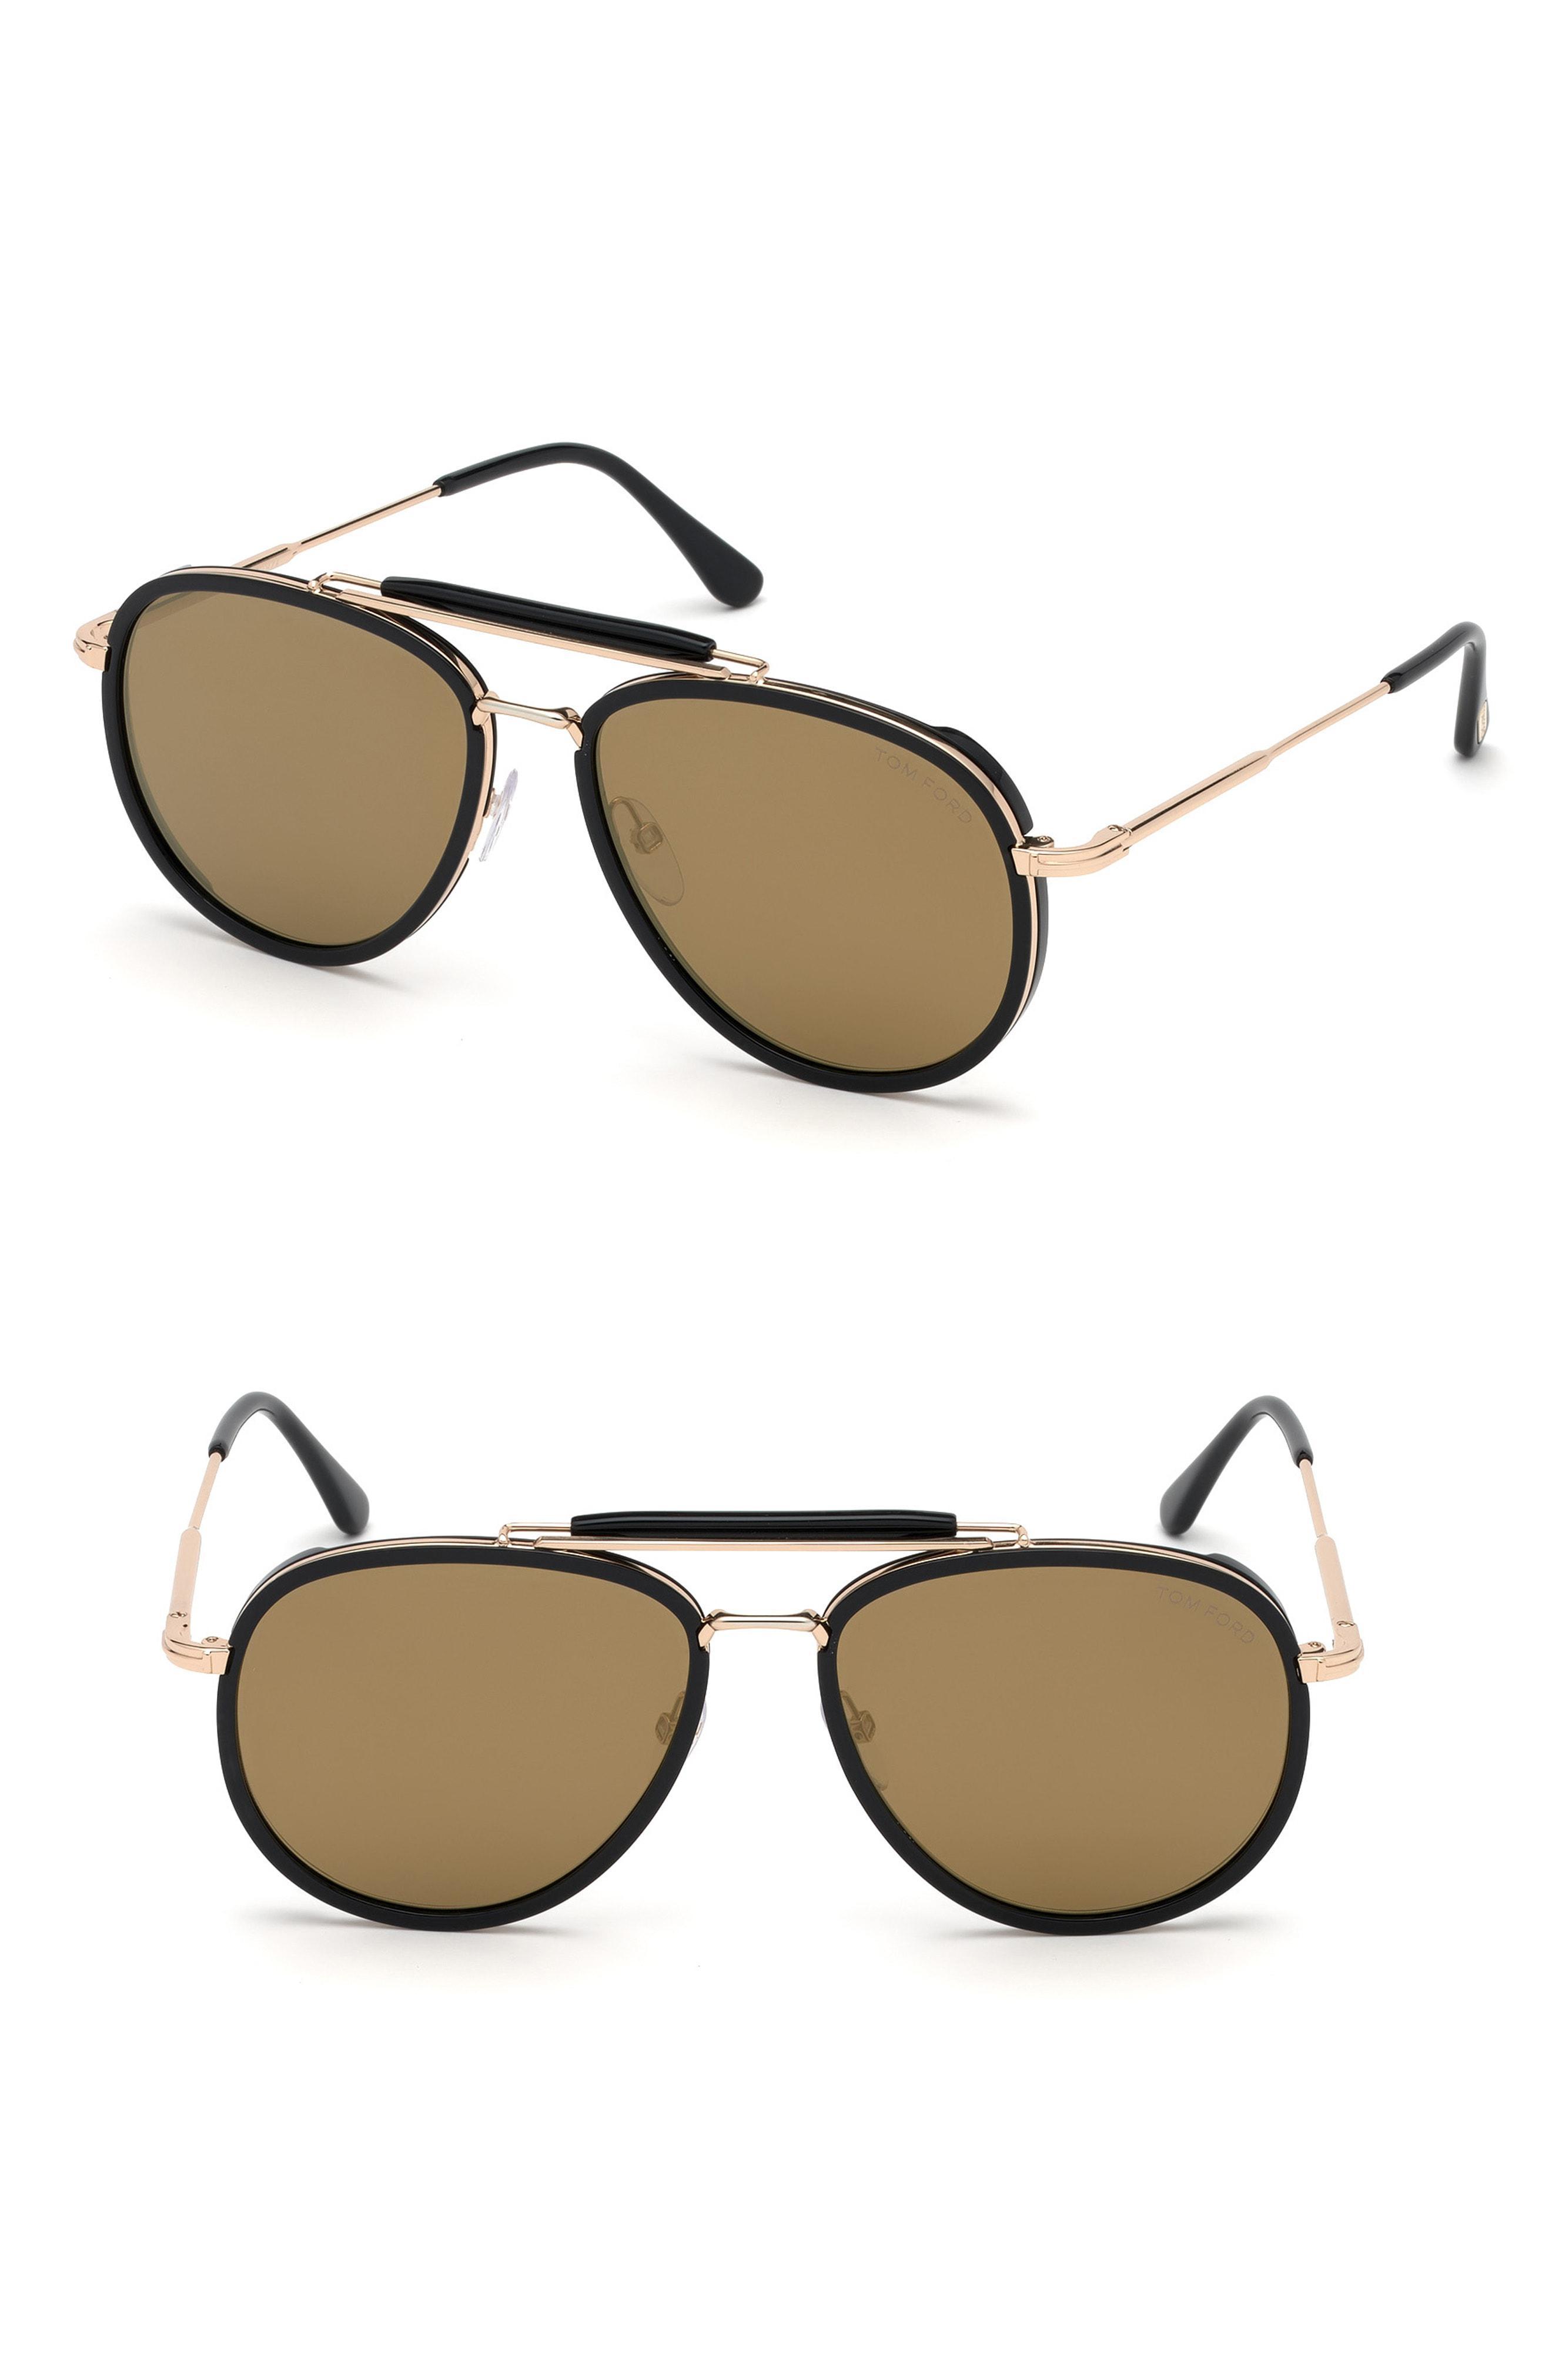 517b1e884d Lyst - Tom Ford Tripp 58mm Aviator Sunglasses - in Metallic for Men